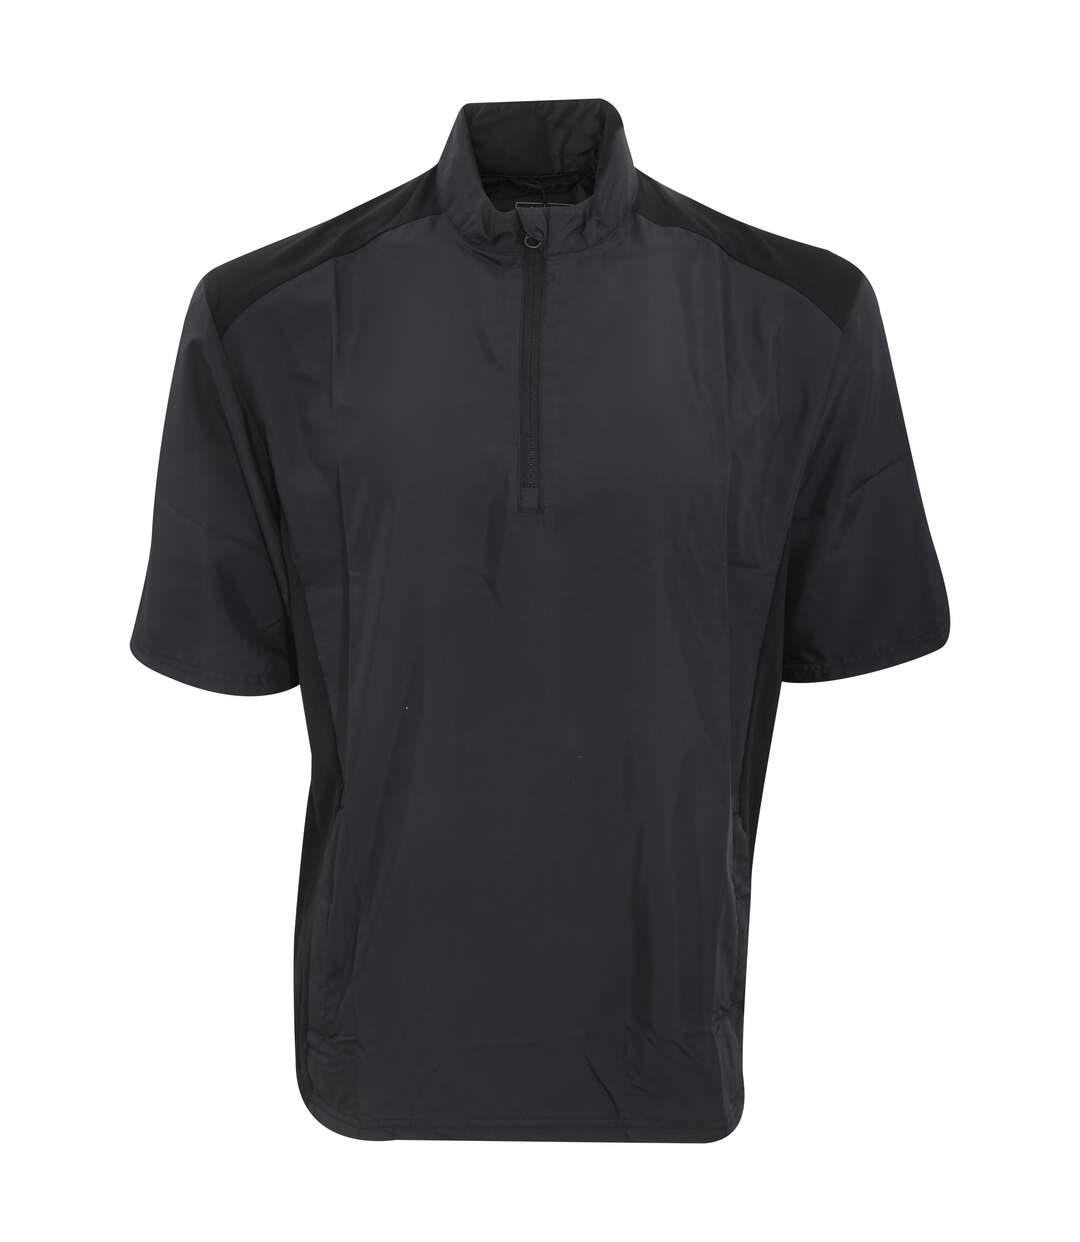 Adidas Mens Club Wind Water Resistant & Windproof Short Sleeve 1/4 Zip Neck Top (Black) - UTRW3883